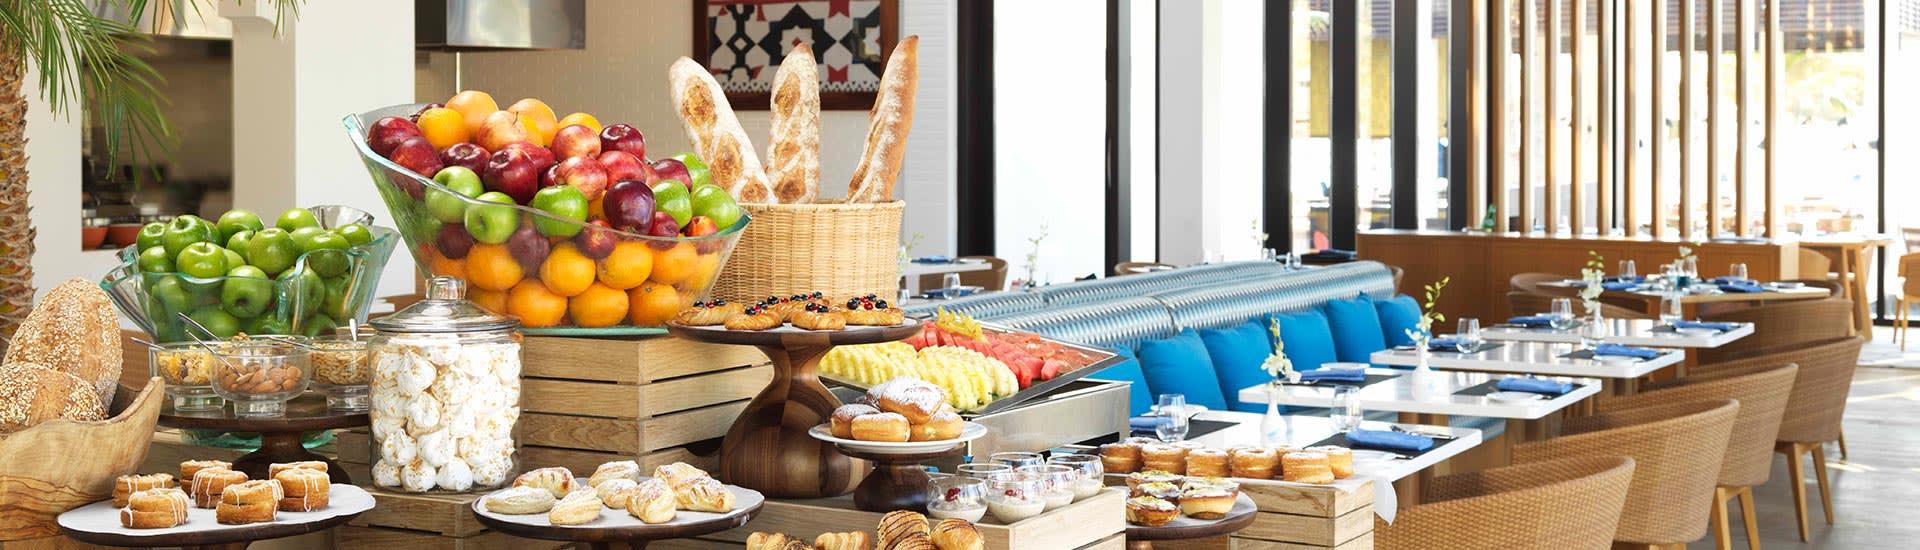 Range of Dining Options at Sakalan Restaurant, Anantara Salalah Resort